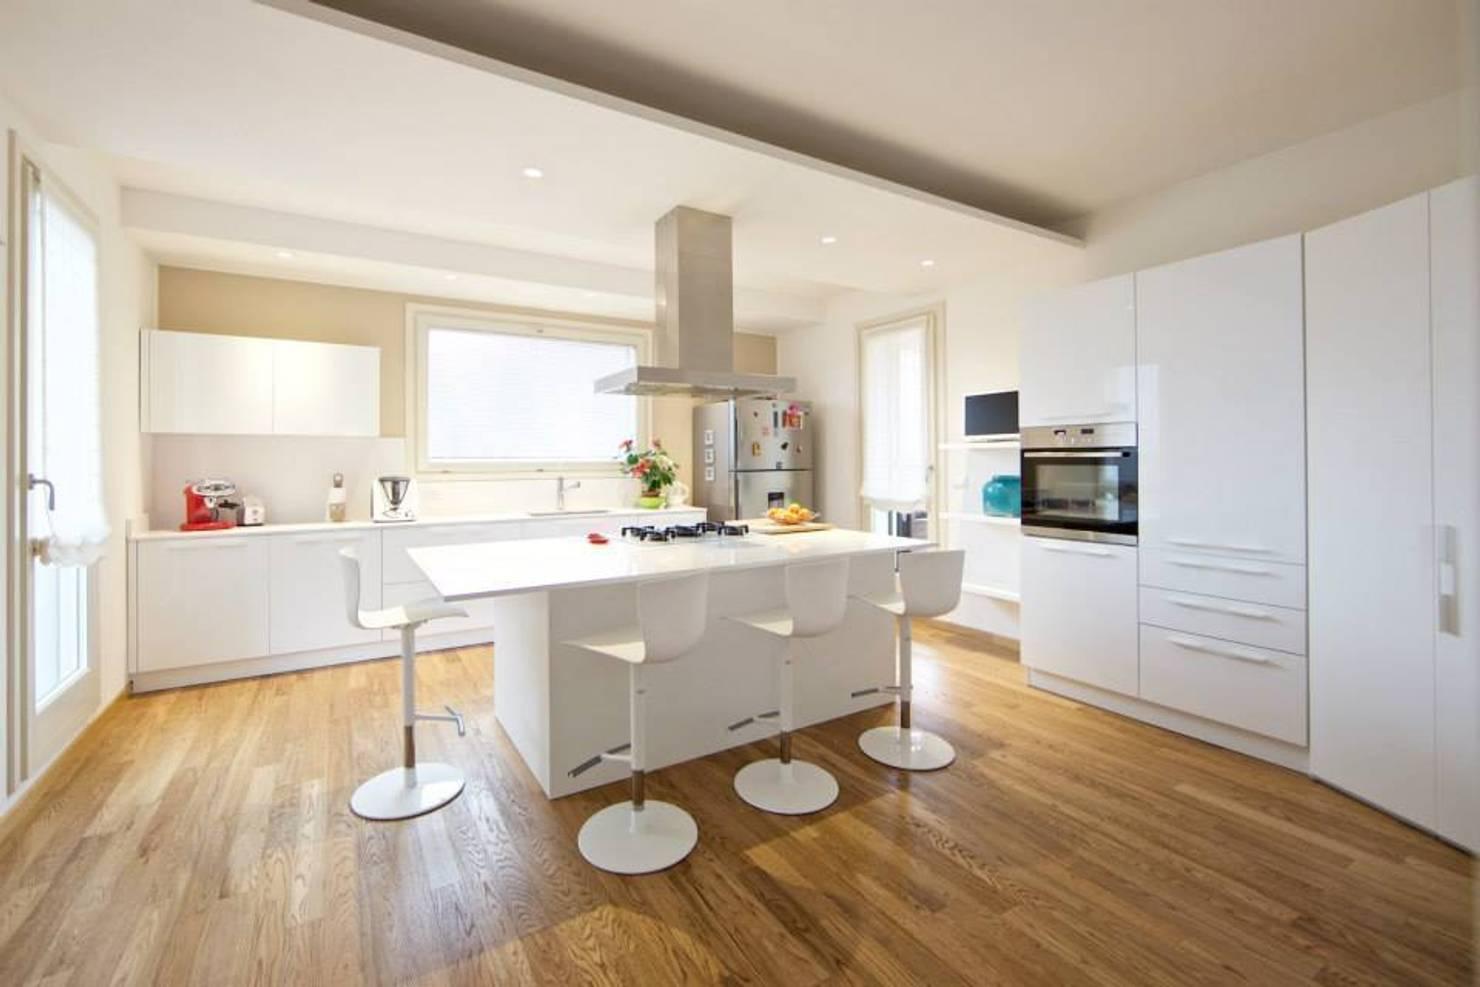 Pro e Contro dell'Isola da Cucina: Giusto Averla in Casa?